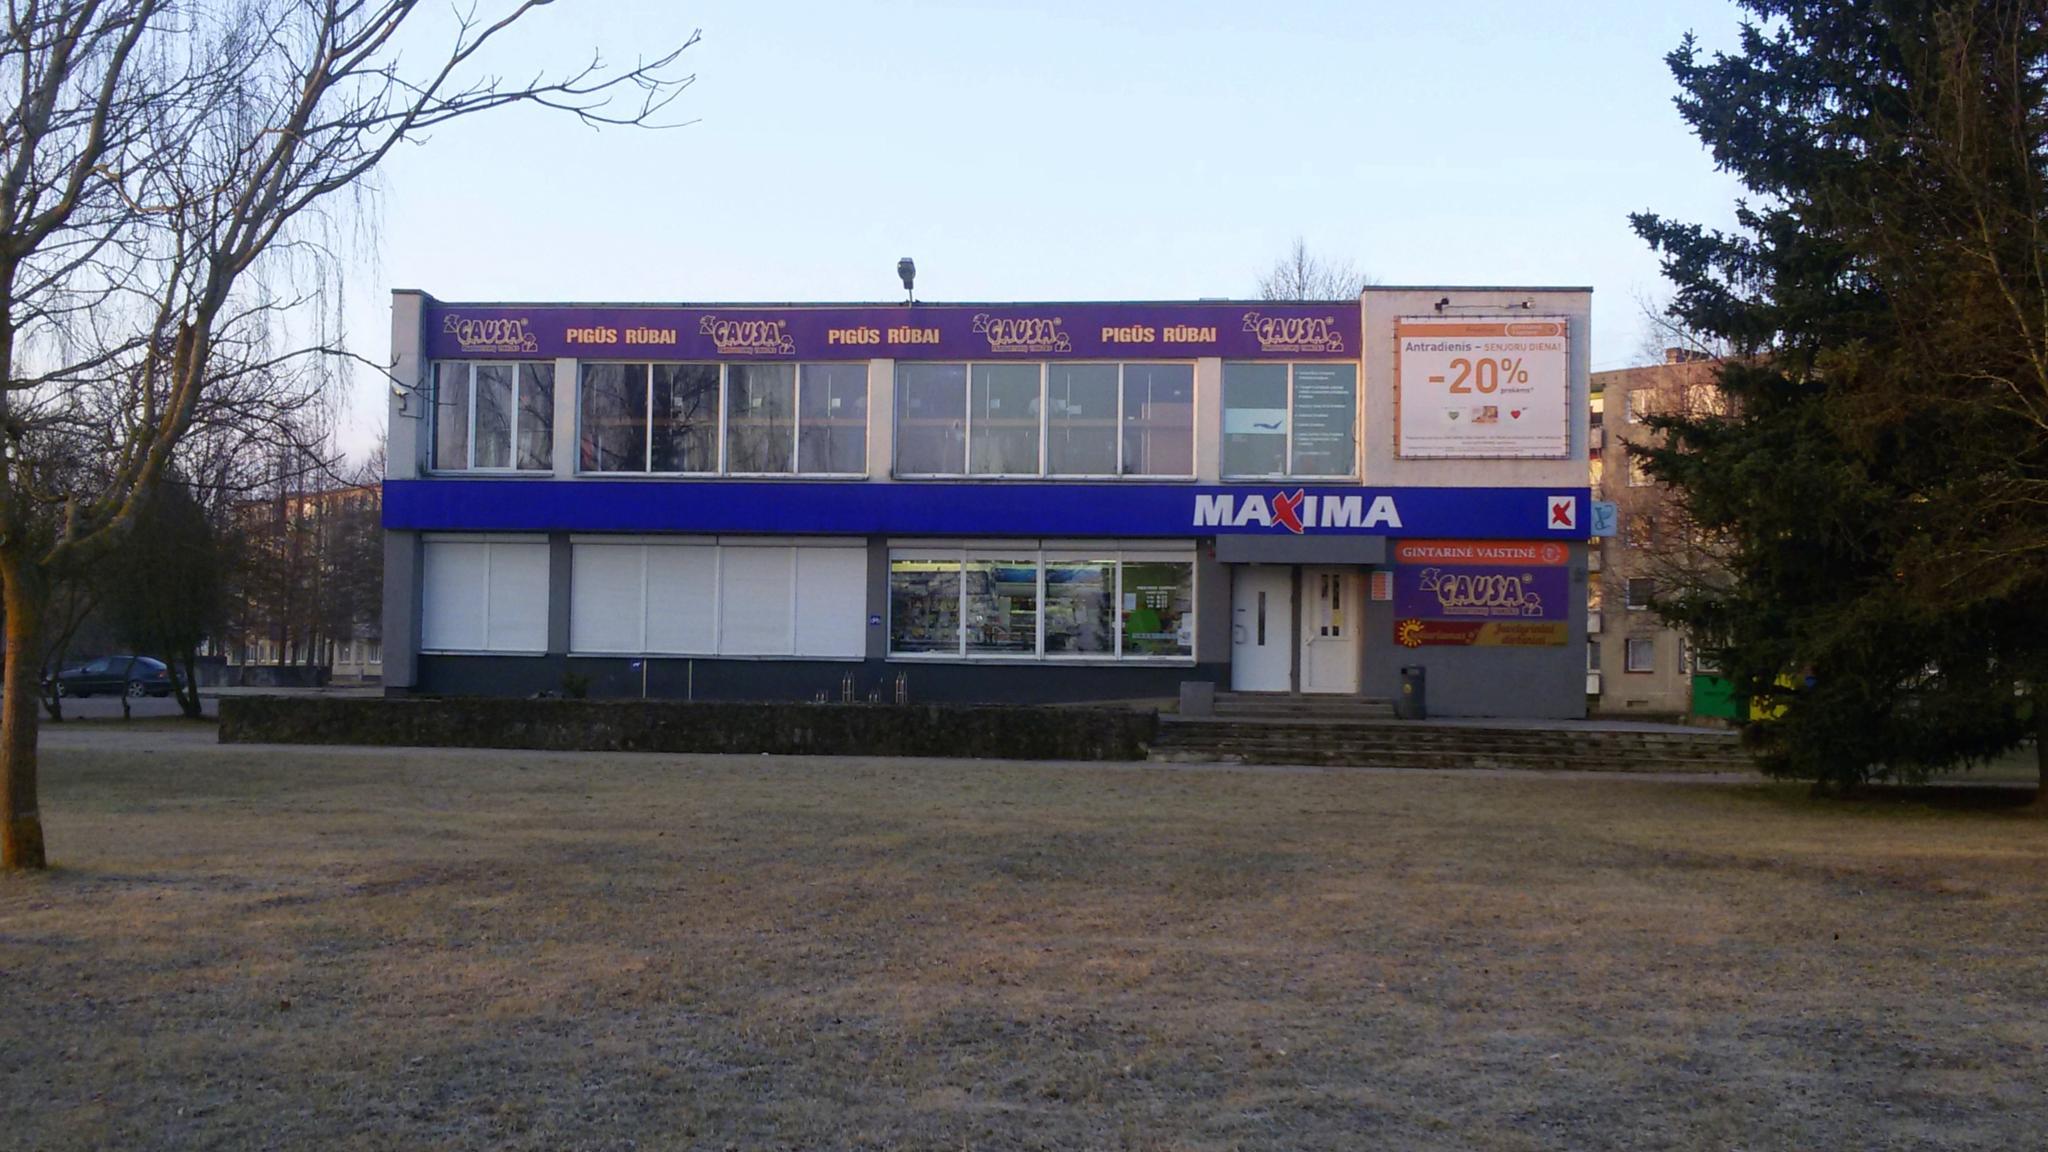 Building. by Zita Užkuraitienė